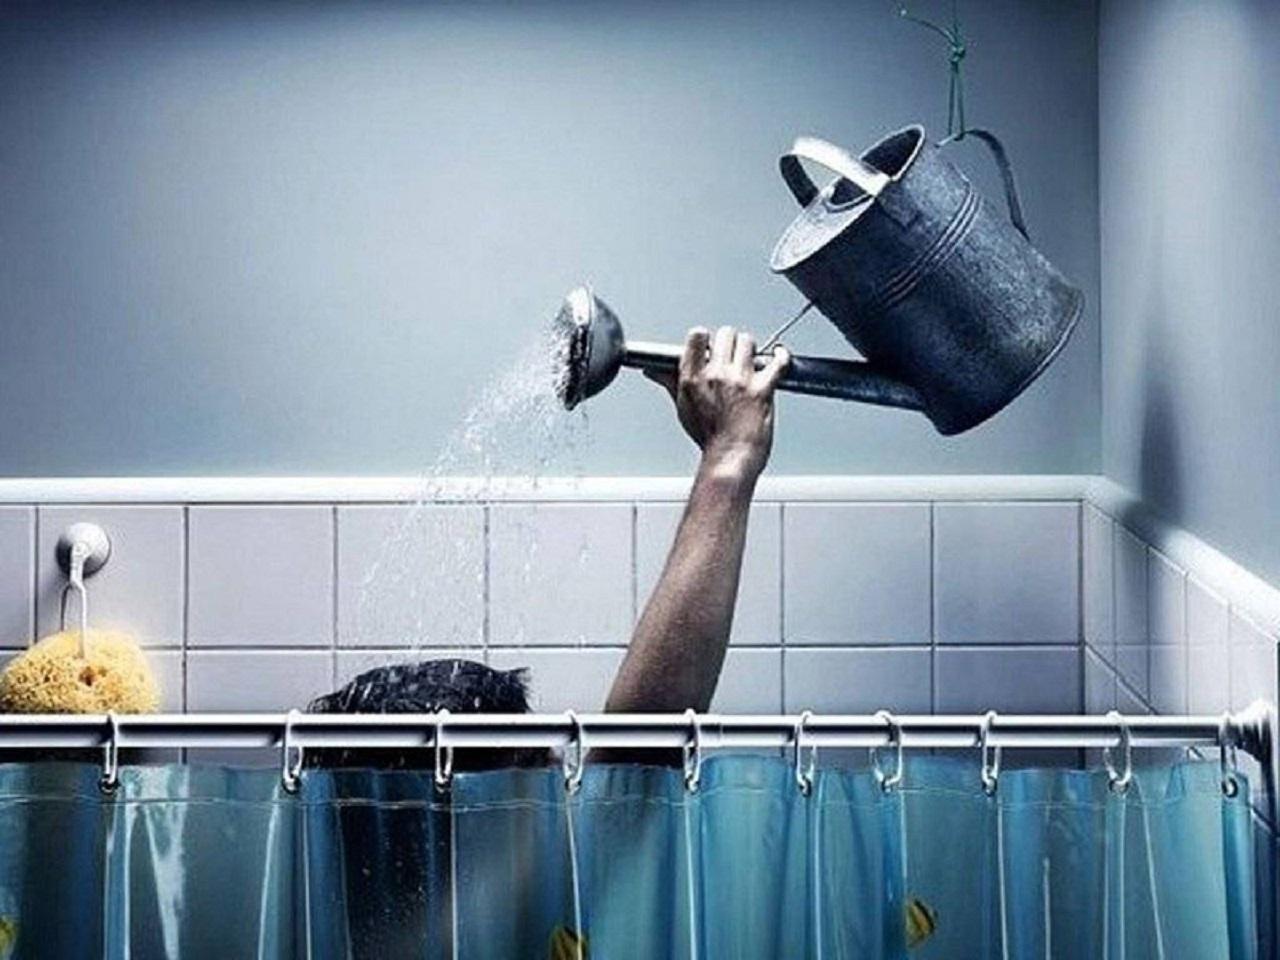 Стало известно, где отключат горячую воду в Челябинске с 15 июня [СПИСОК АДРЕСОВ]